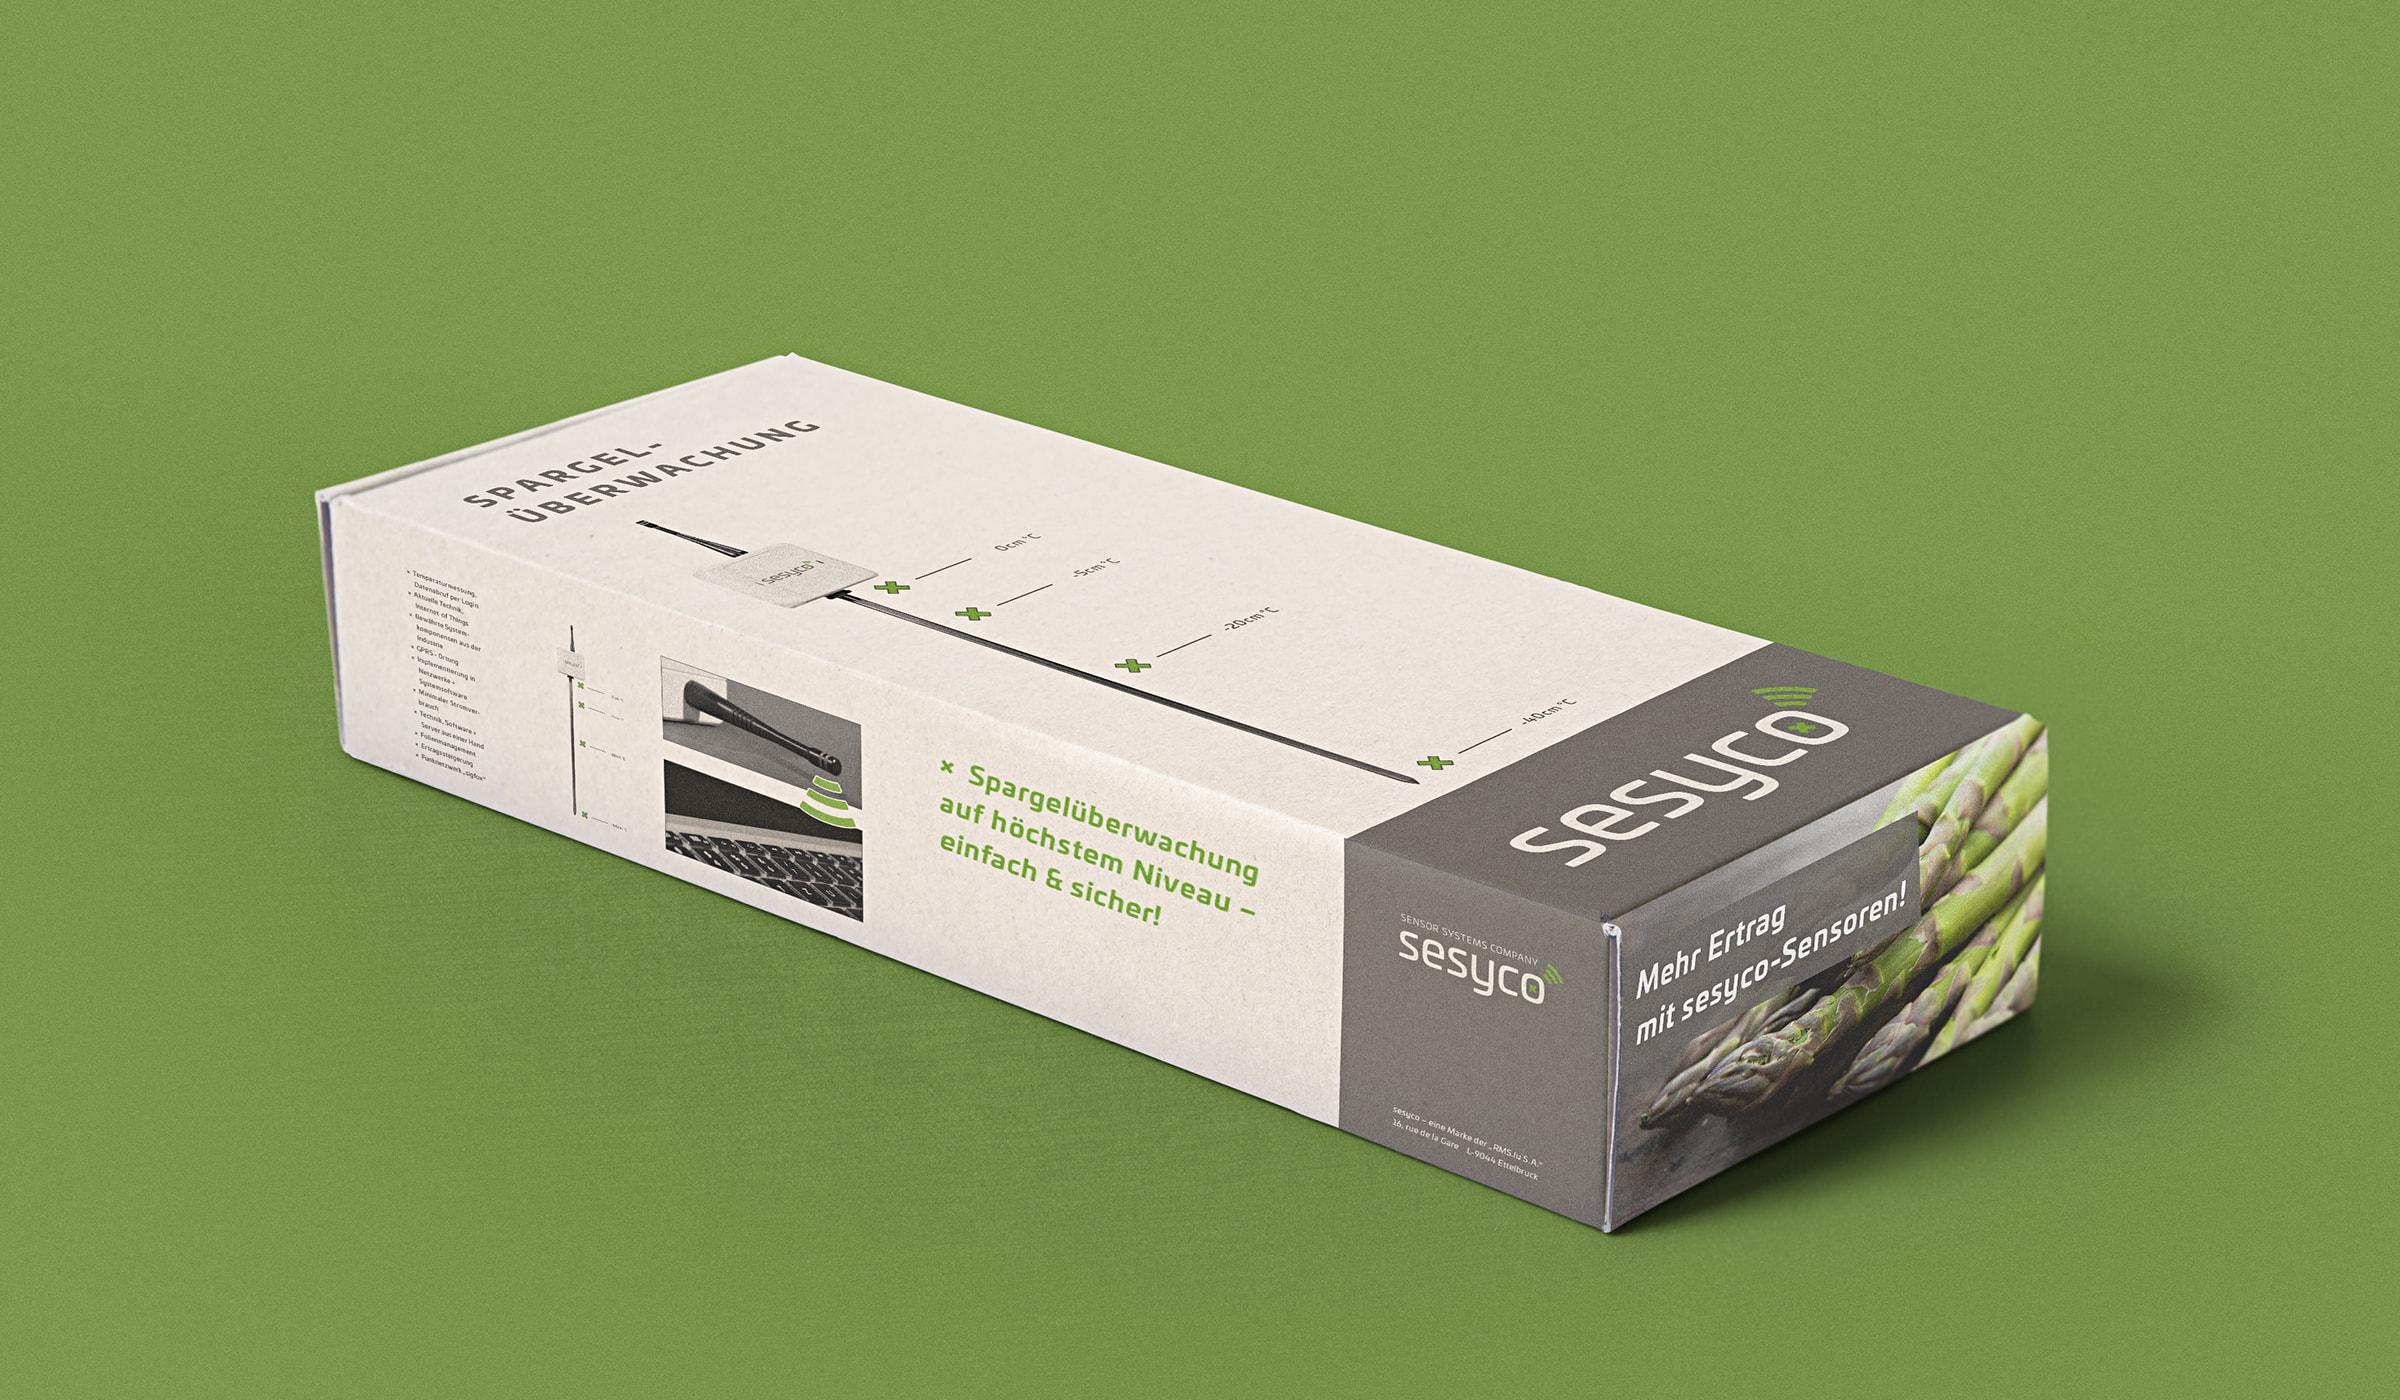 Packaging Design innerhalb des Branding für ein Unternehmen in Luxembourg entwickelt durch die Designagentur mieker - Konzept Design Strategie. Die Verpackung zeigt sich als benutzerfreundliche Faltschachtel und besteht aus Recyclingkarton, passend zur Markenidentität und zum Kommunikationskonzept. Bestandteile des Branding: Packaging Design, Kommunikationsdesign, Brand- und Corporate Design, Logodesign, Werbemittel und Werbung. Regionen: Luxembourg, Saarbrücken, Trier, Koblenz, Mannheim.